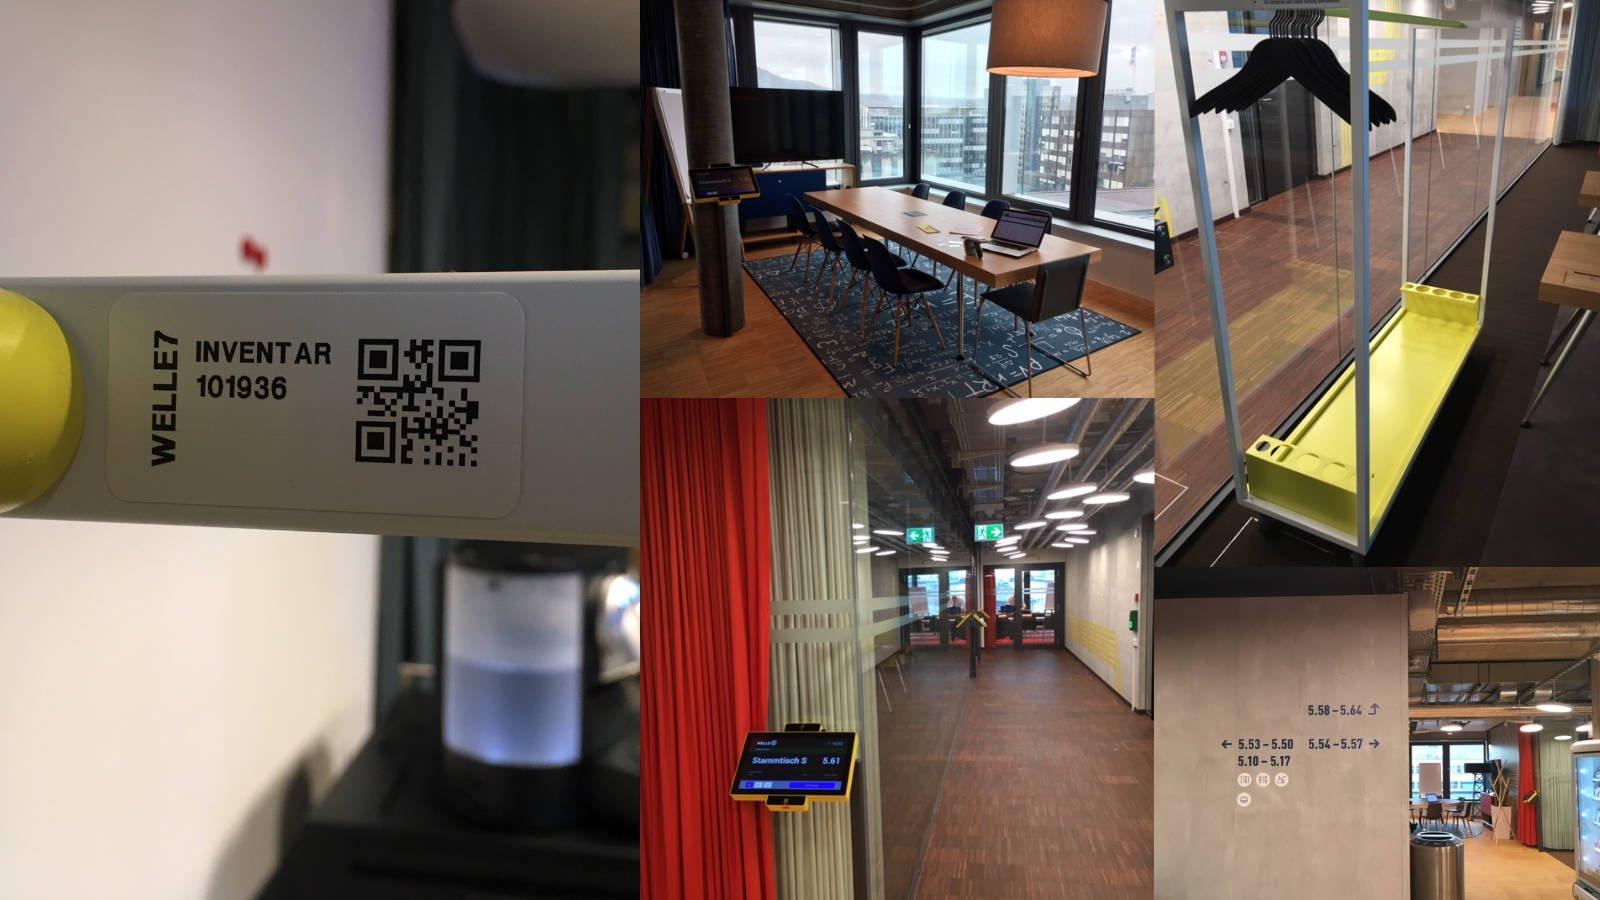 MIRGOS Inventarisierung Software App RFID ITEXIA